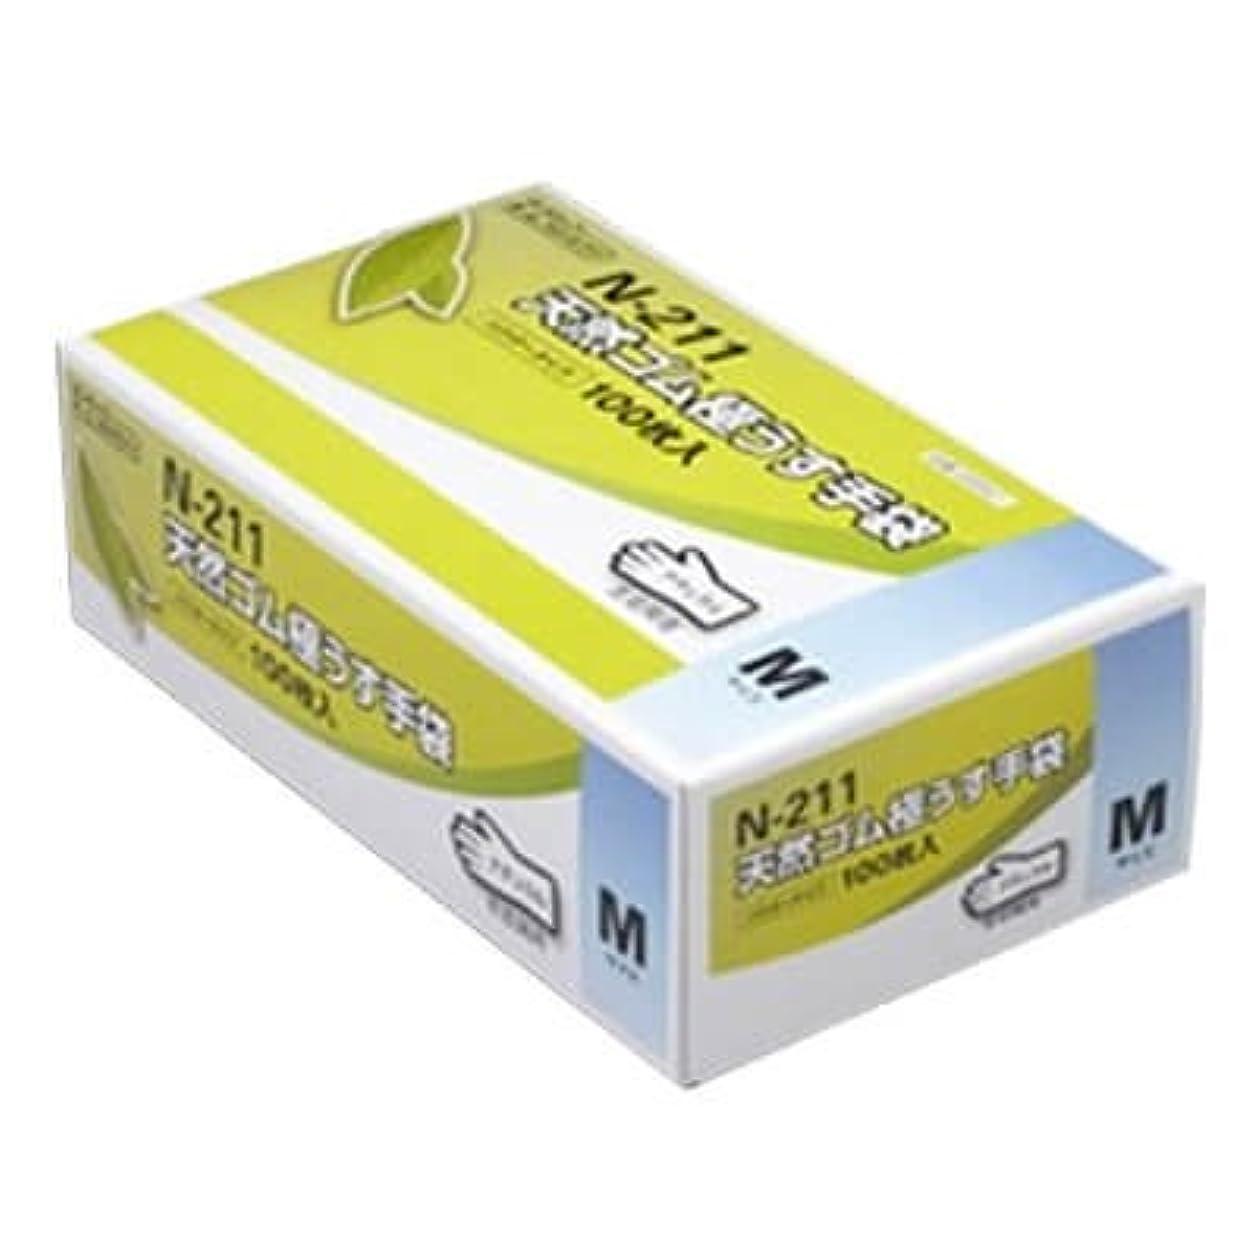 良性貴重な小学生【ケース販売】 ダンロップ 天然ゴム極うす手袋 N-211 M ナチュラル (100枚入×20箱)